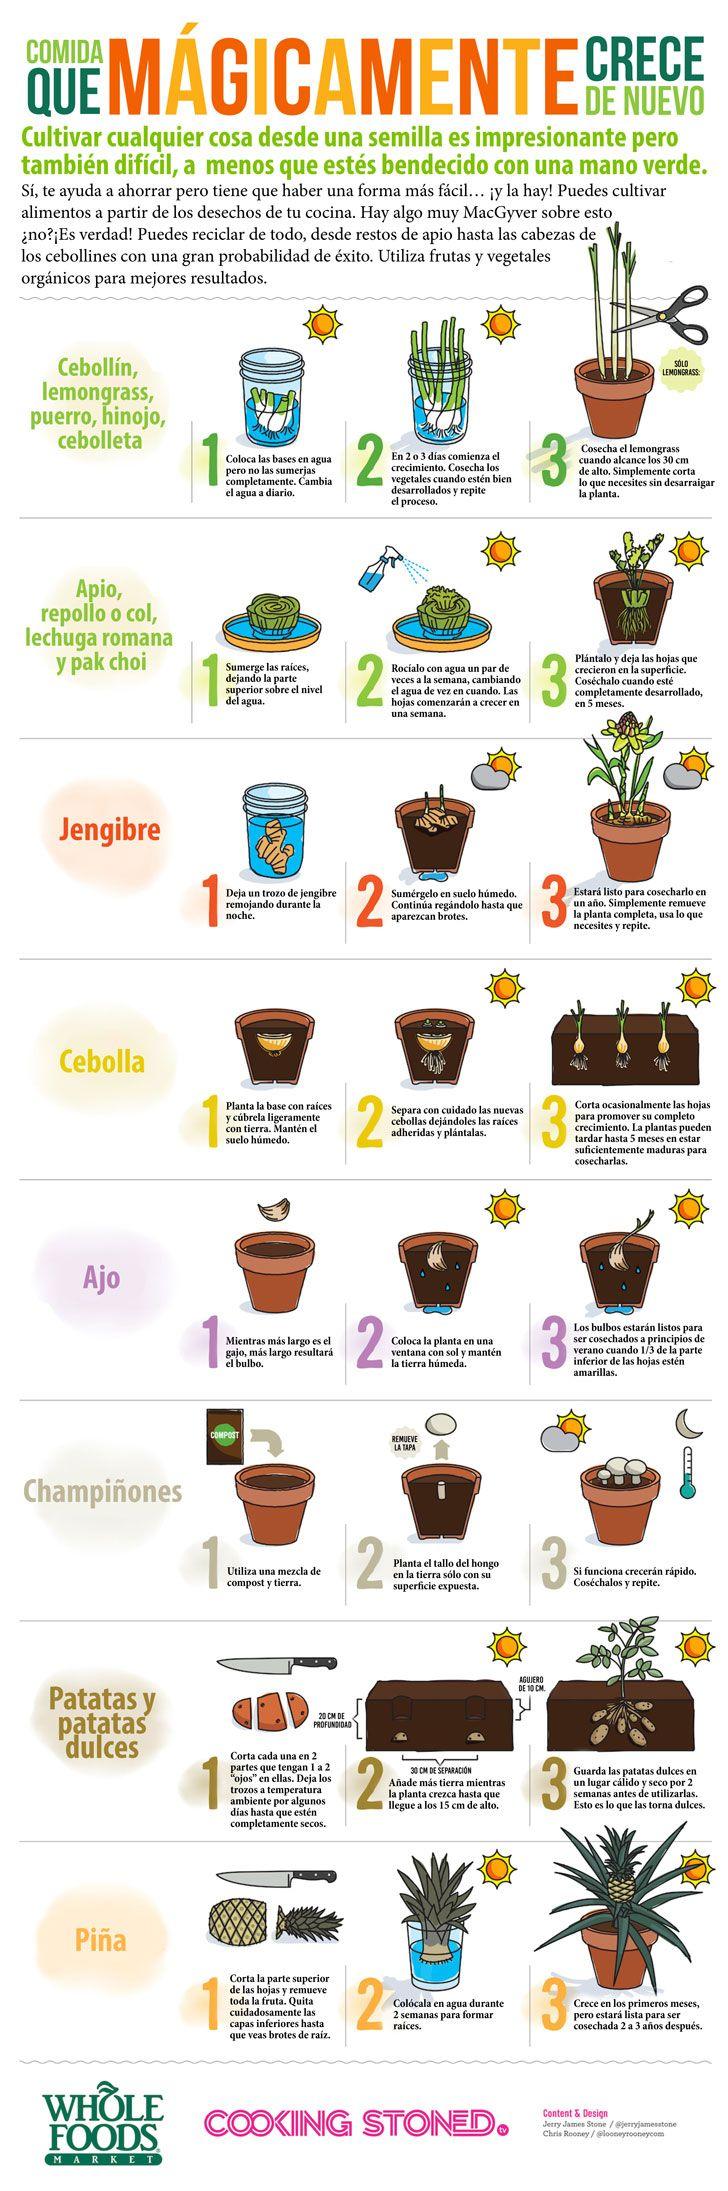 8 vegetales y hierbas que puedes comer y volver a rebrotarlos cada vez que quieras